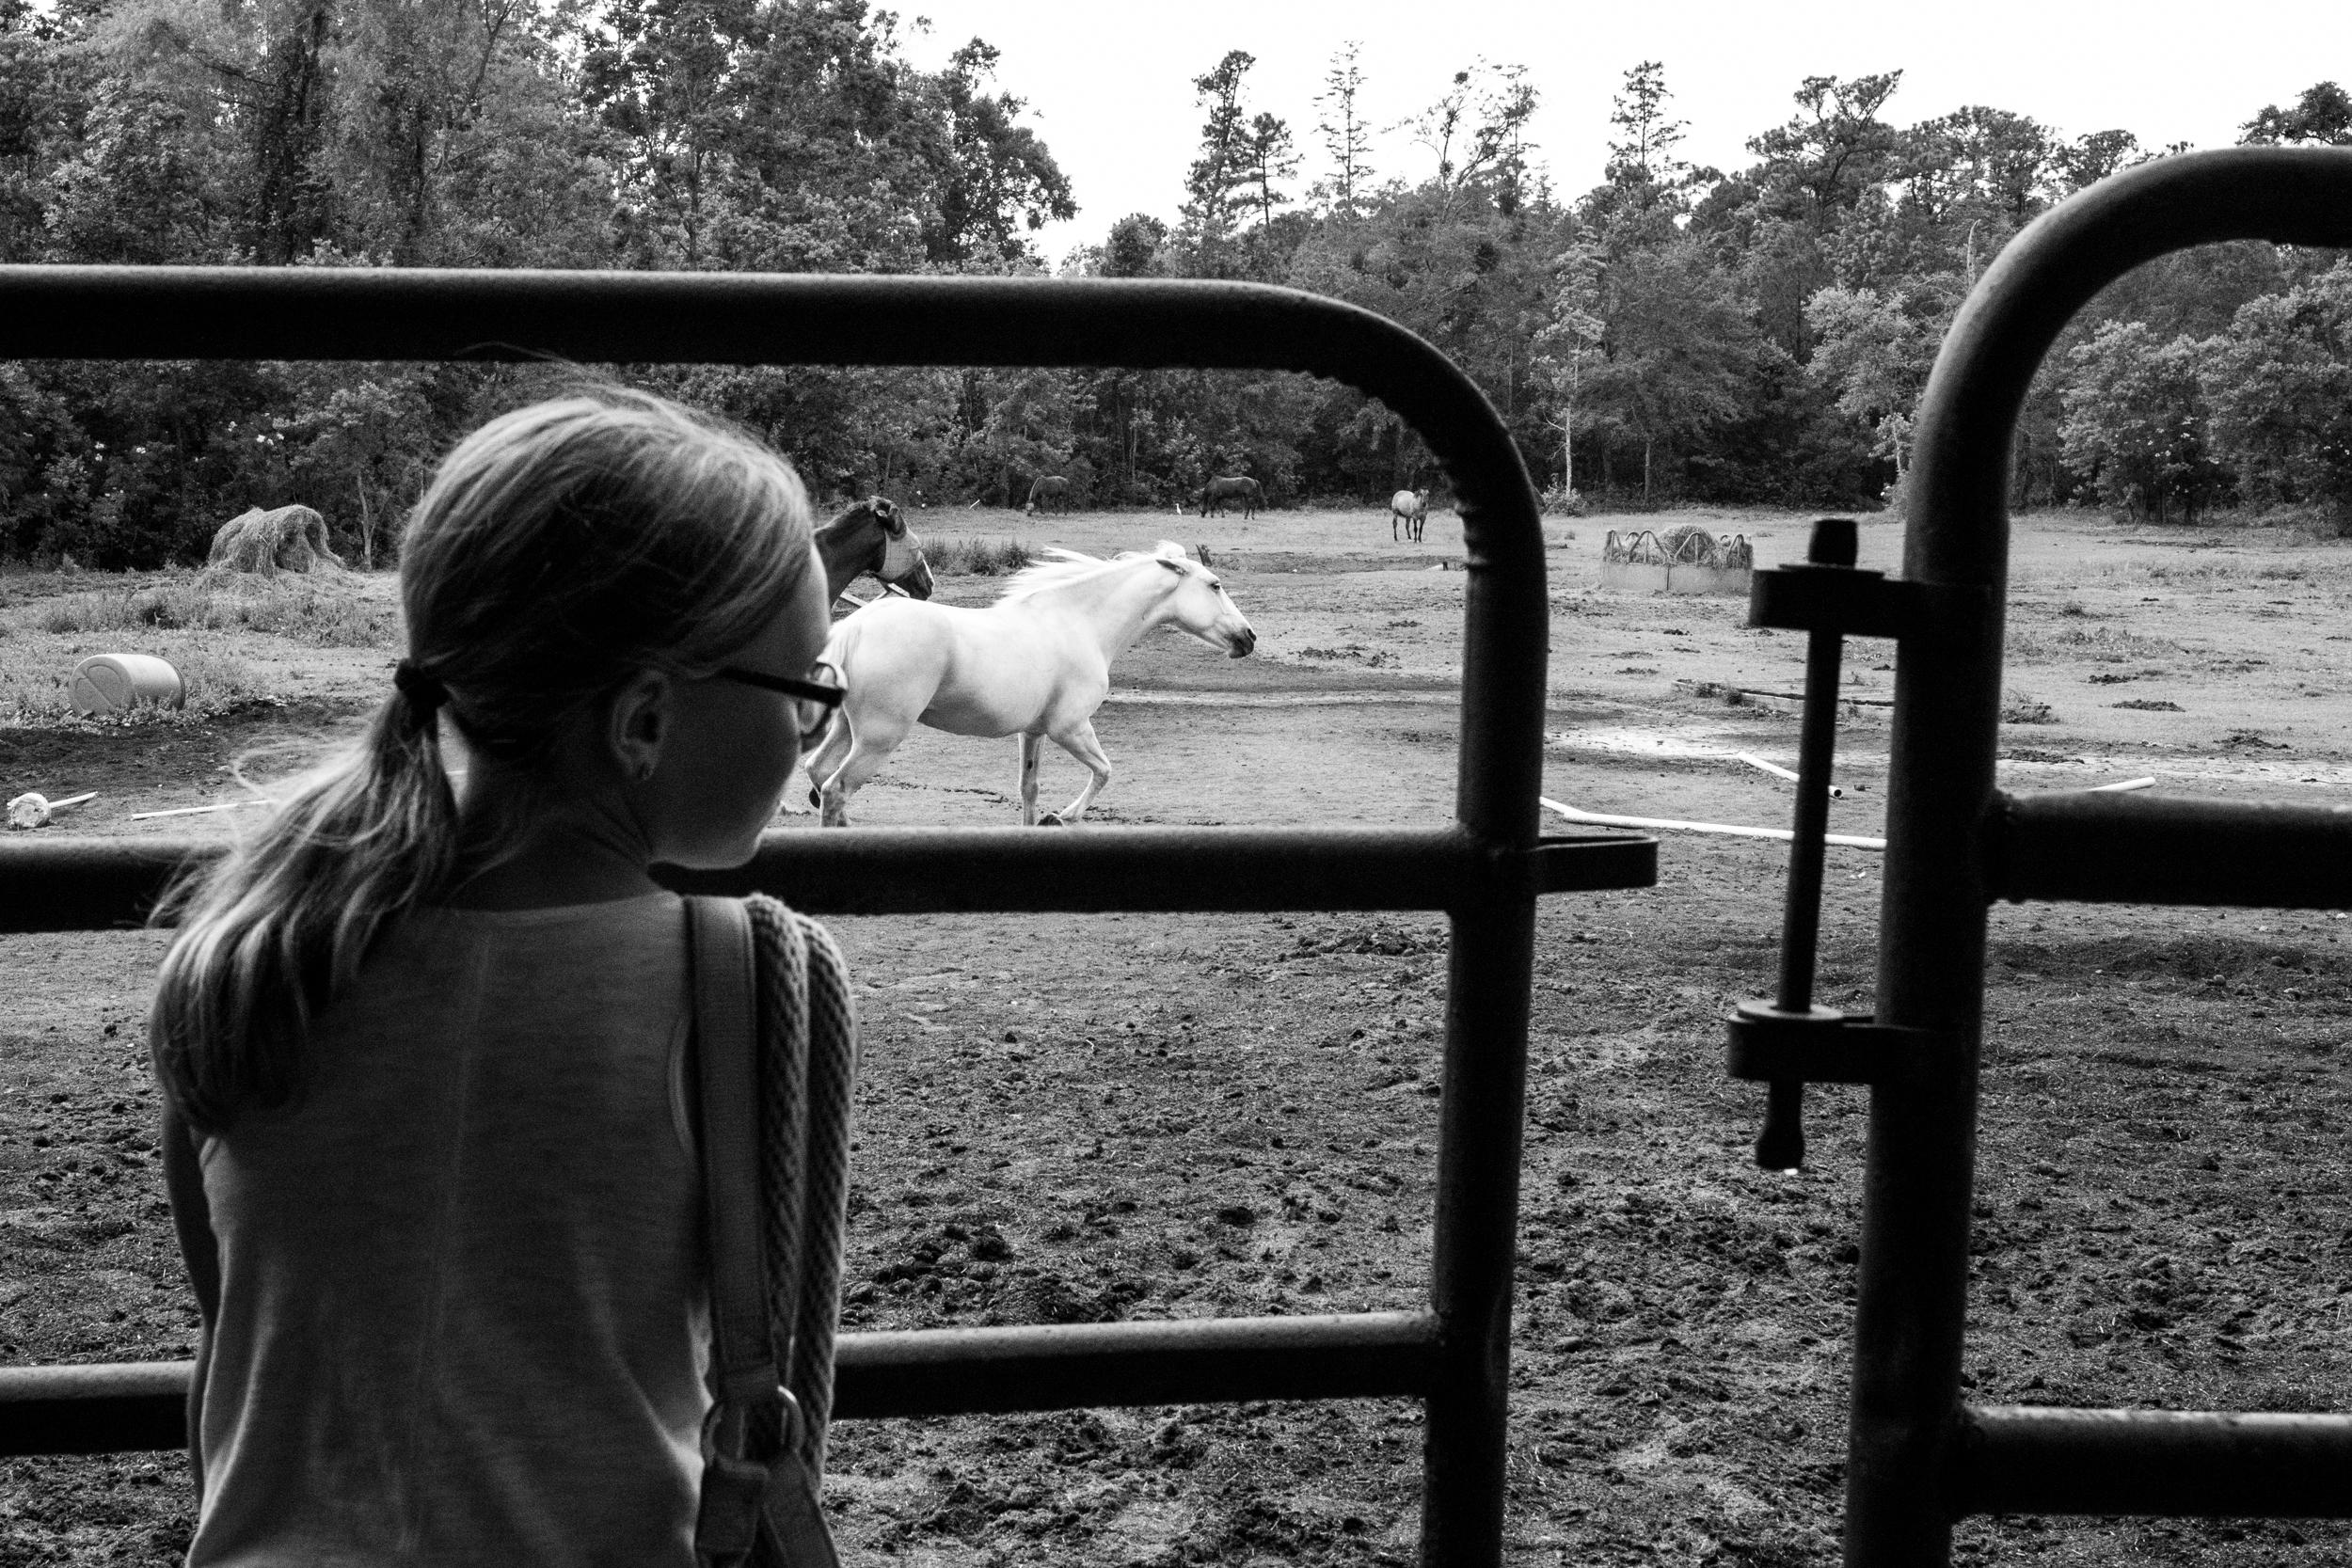 jacksonville-family-photographer-documentary-33.jpg